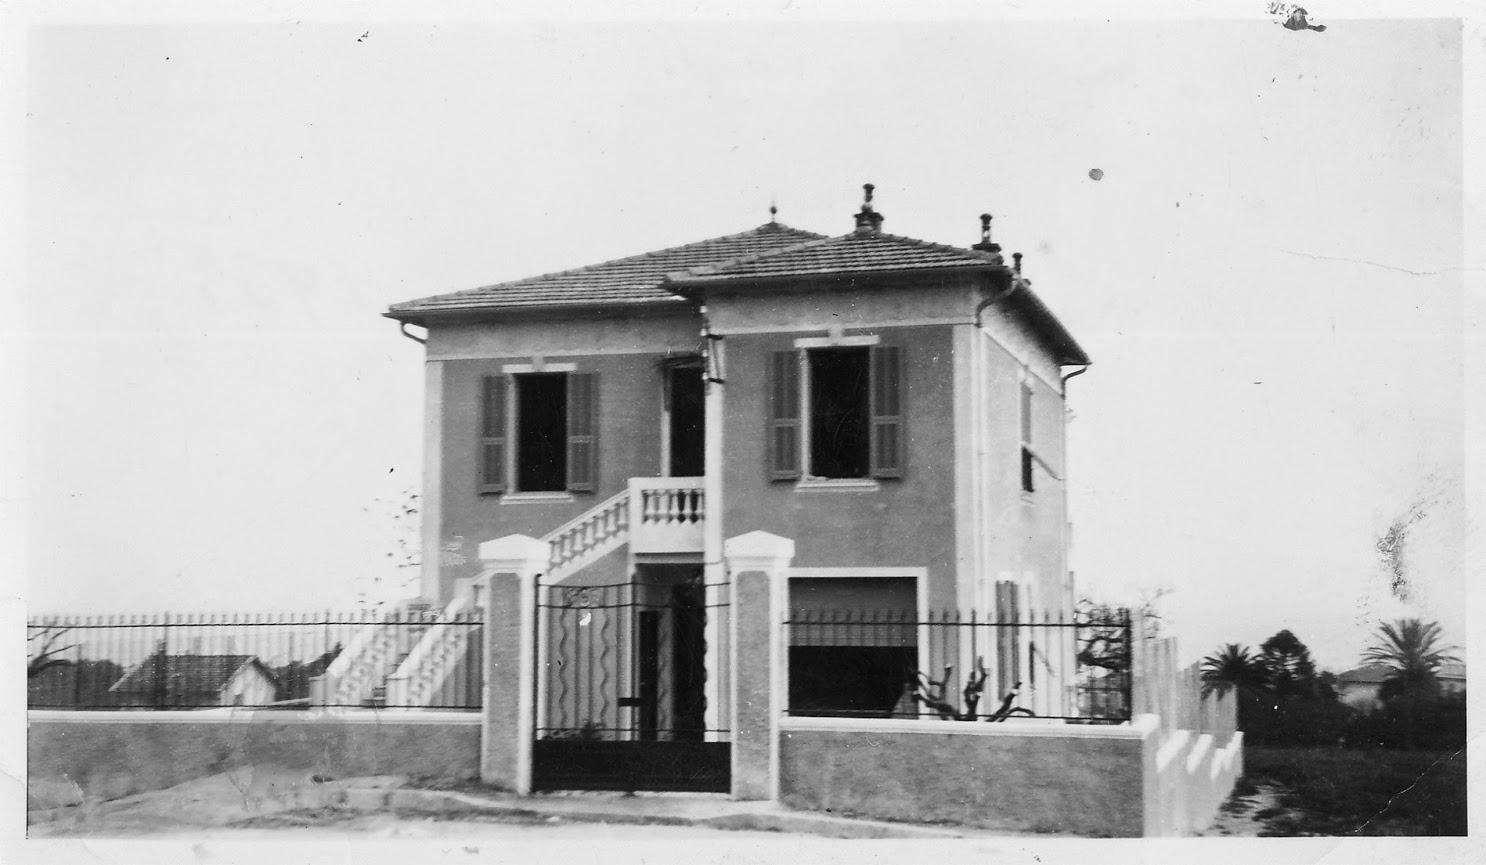 L Croix du Sud, première maison construite dans le lotissement